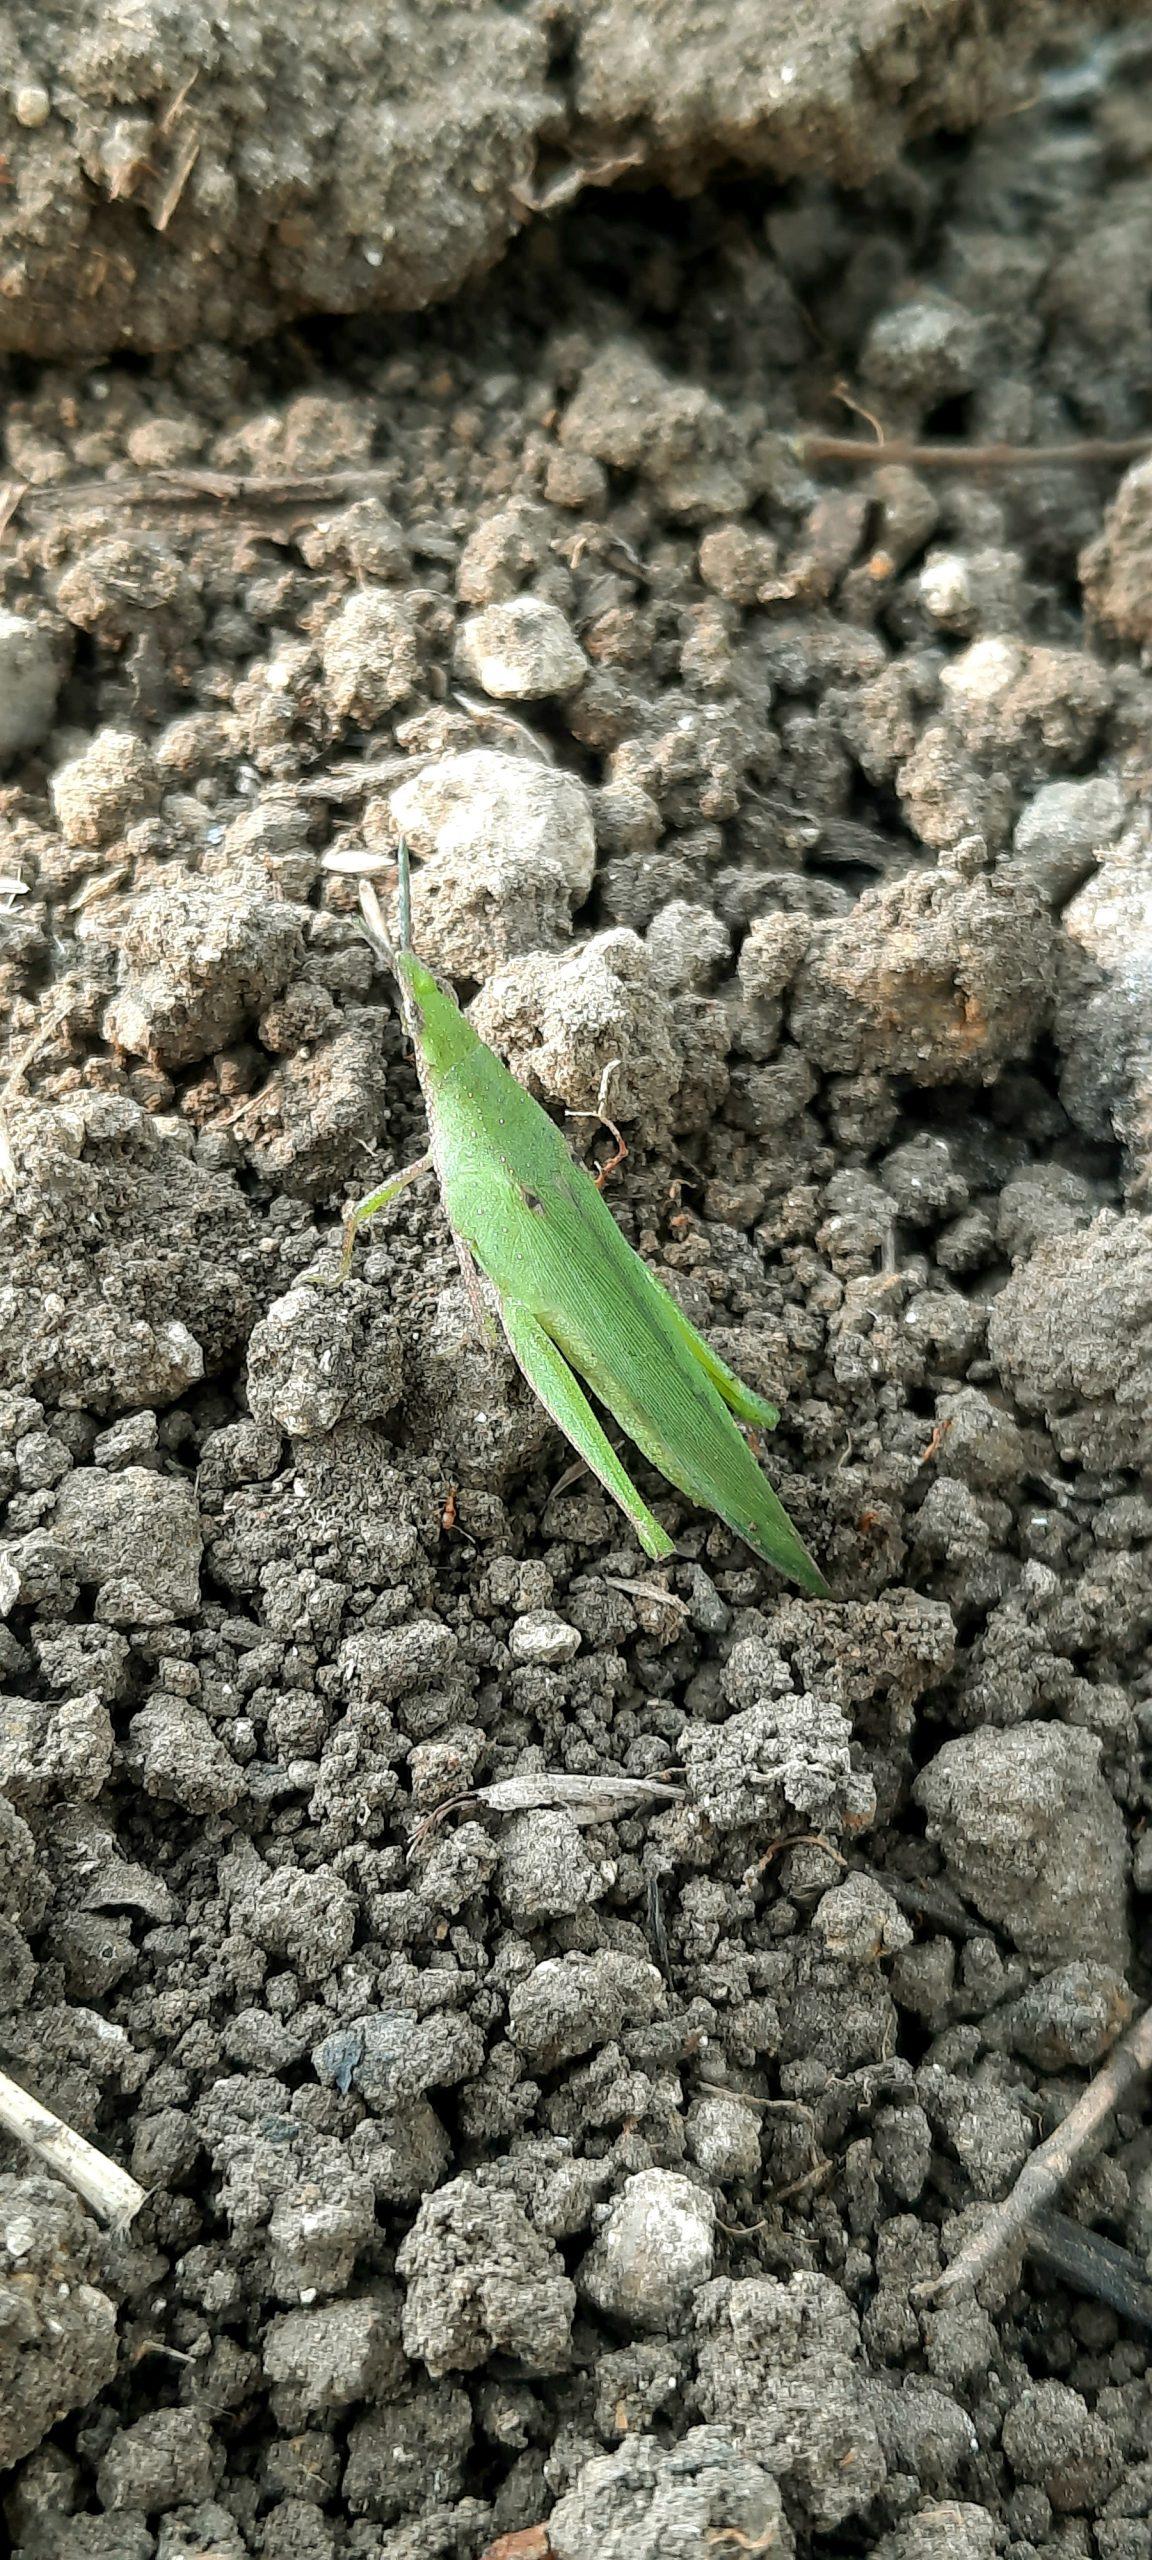 A grasshopper on soil